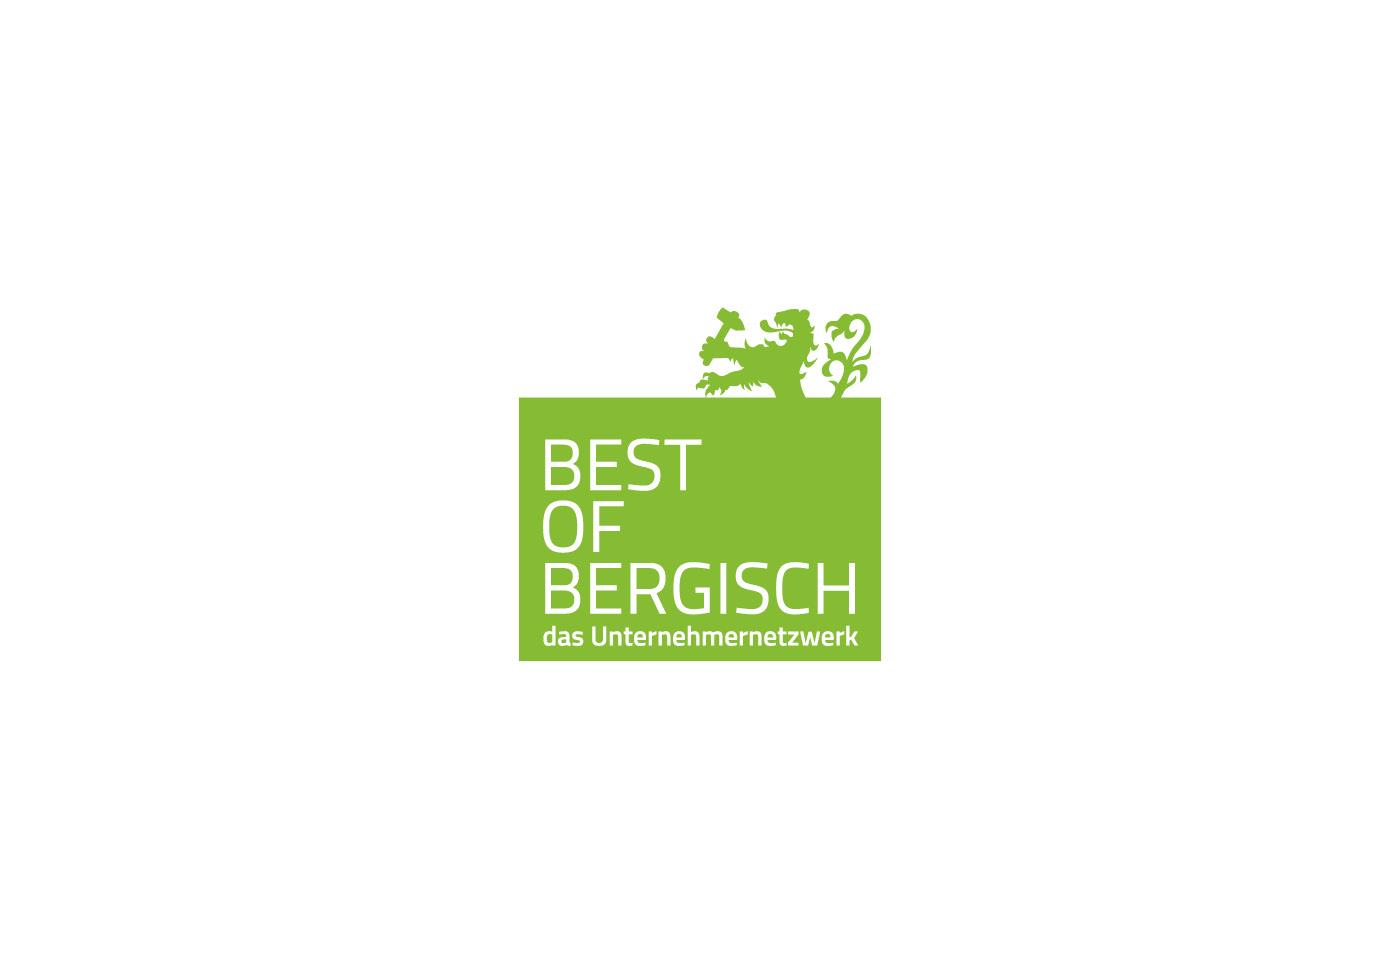 Best of Bergisch – das Unternehmernetzwerk